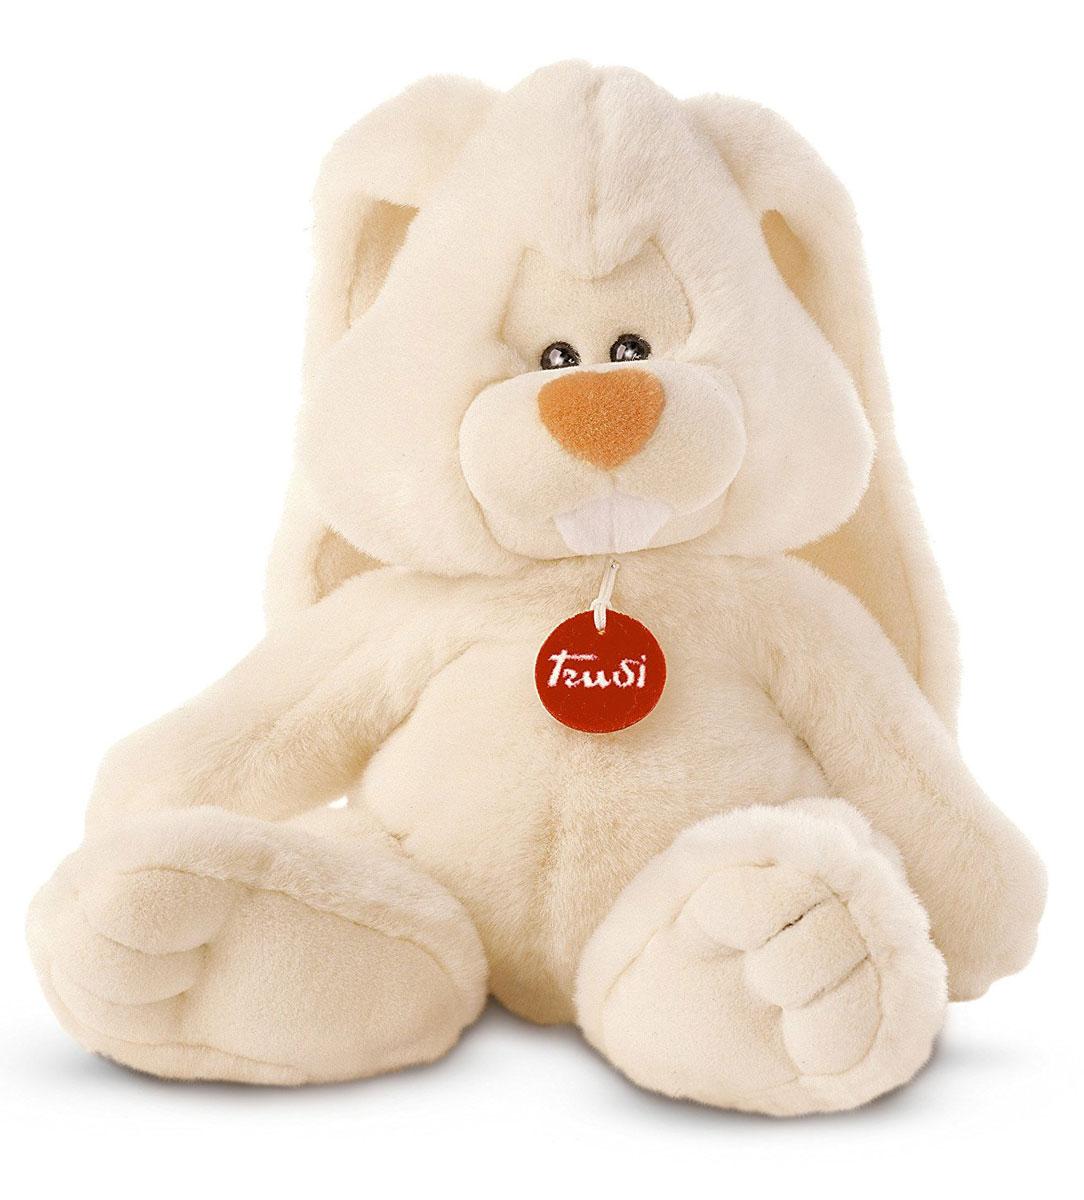 Trudi Мягкая игрушка Заяц Вирджилио 40 см мягкие игрушки trudi лайка маркус 34 см